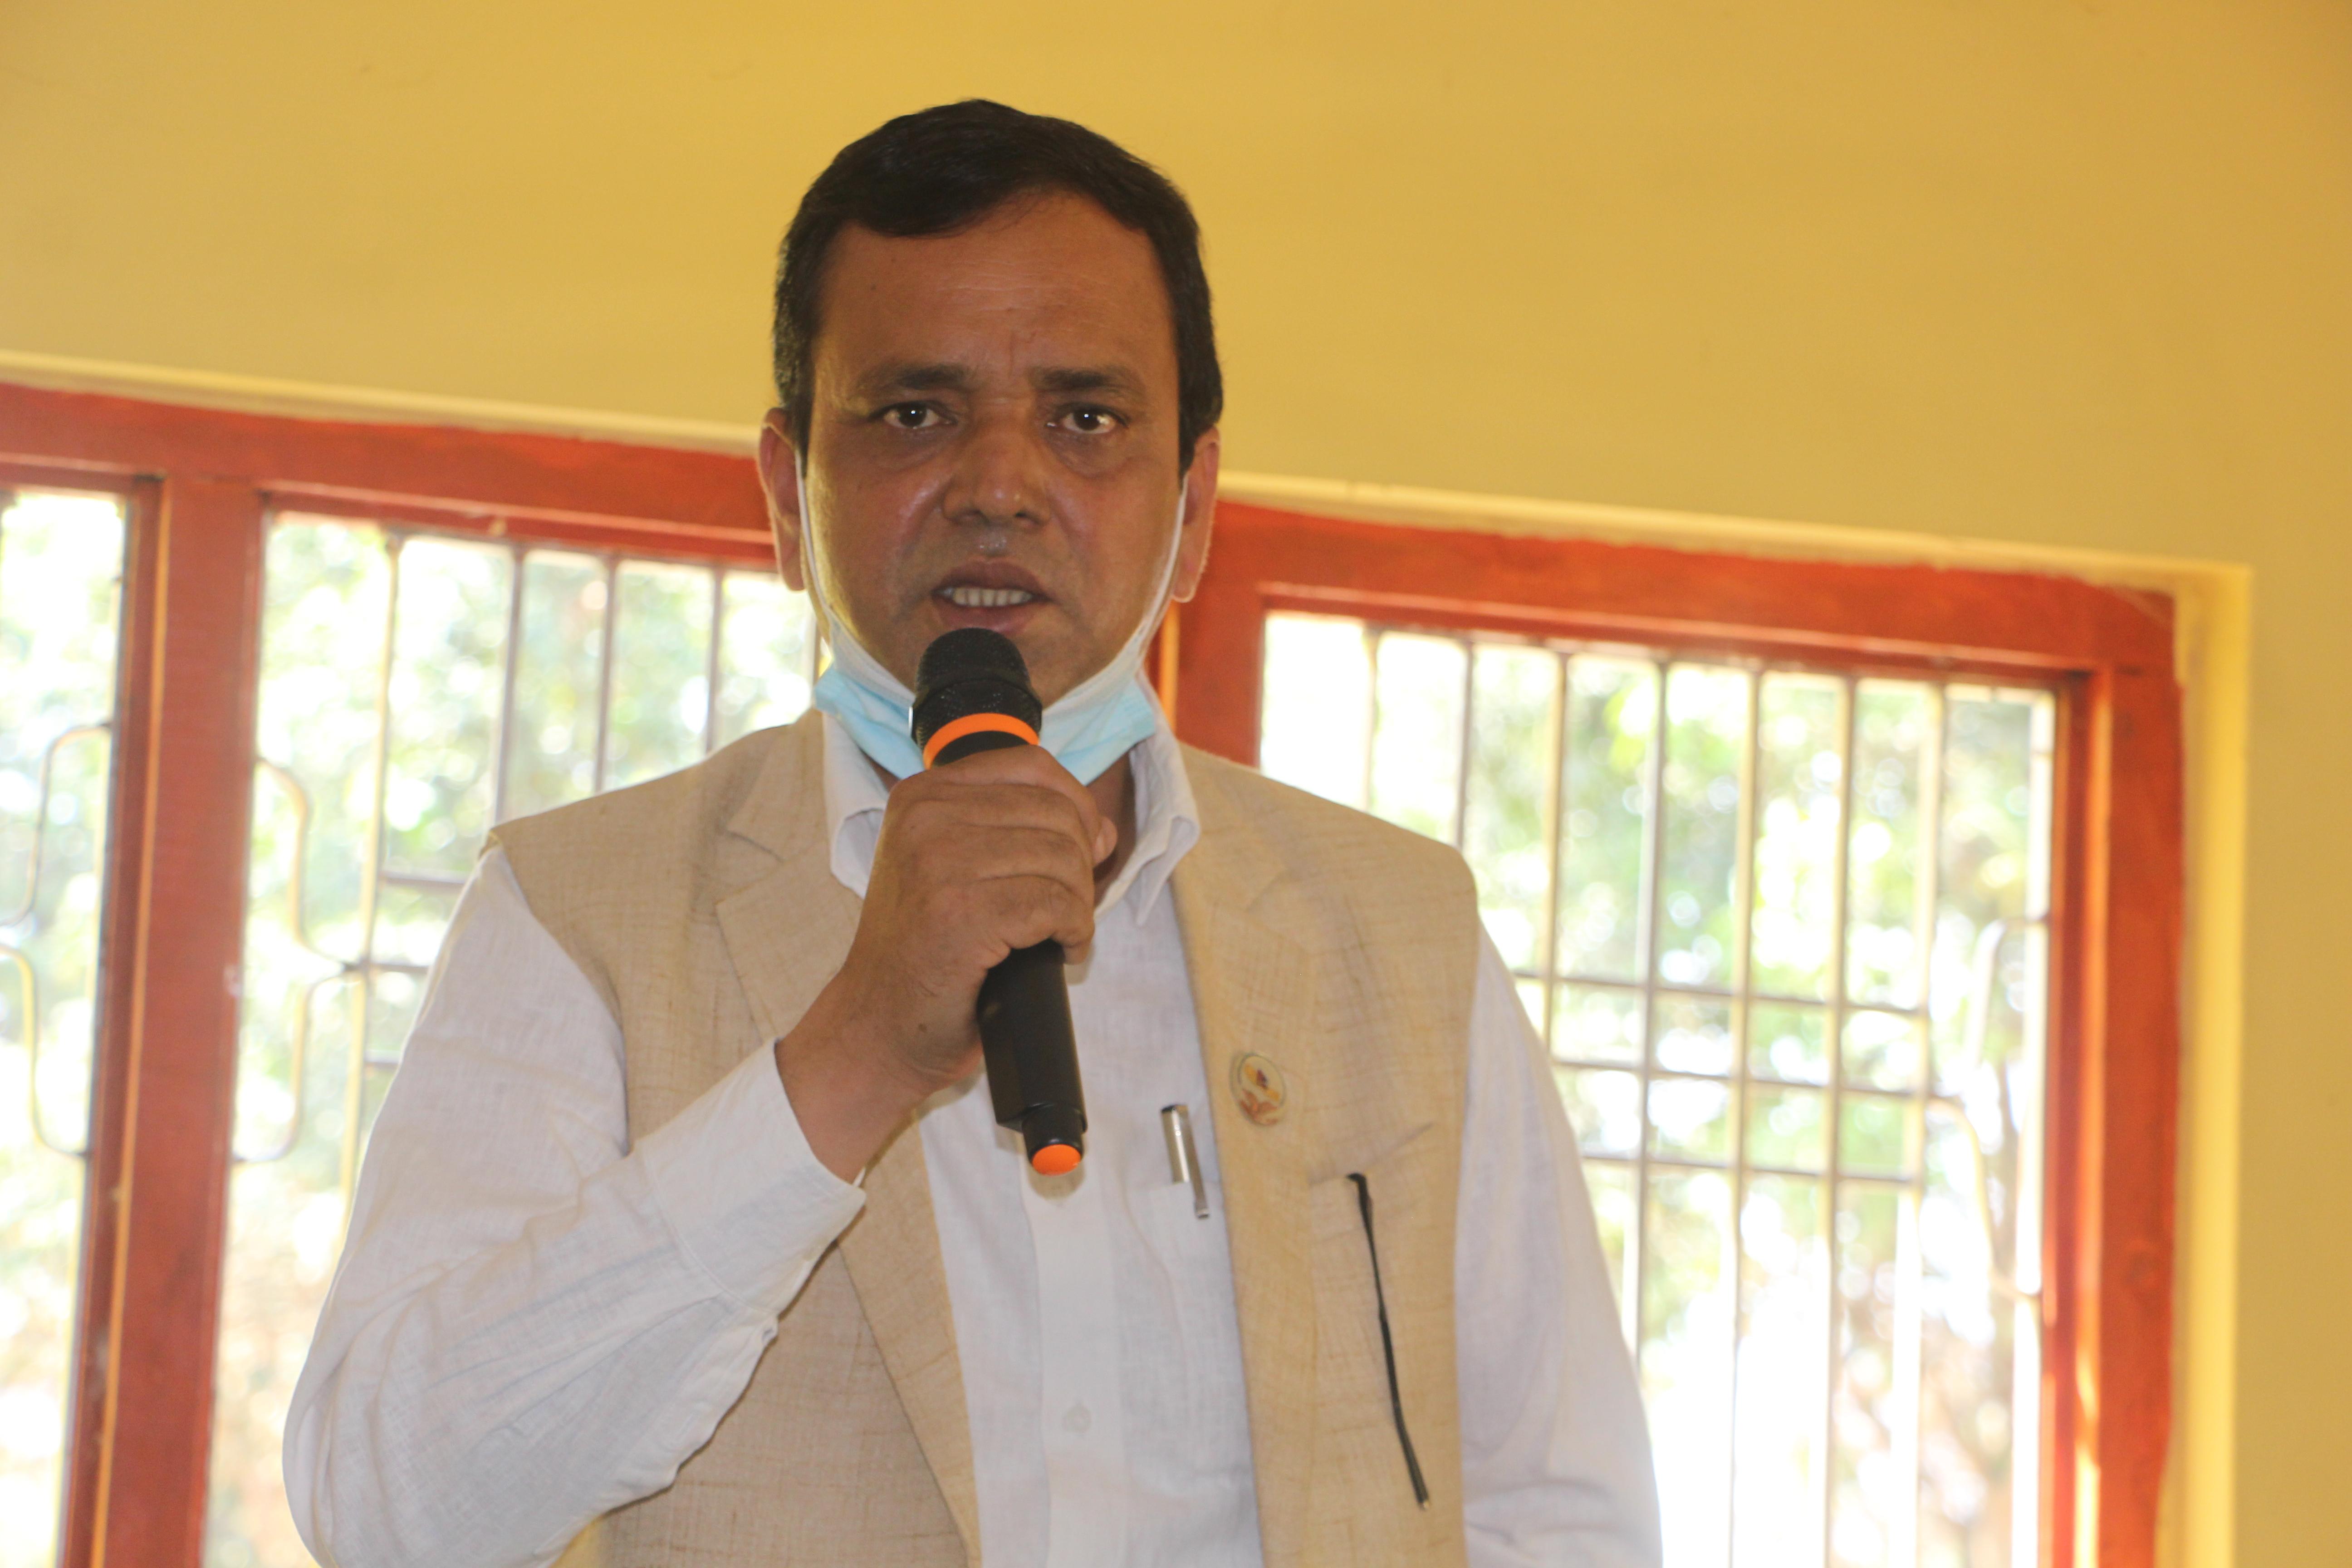 नेपाली कांग्रेस १४ औ महाधिवेशनमा सक्षम नेतृत्व चयन गरौ नेता : कमाल